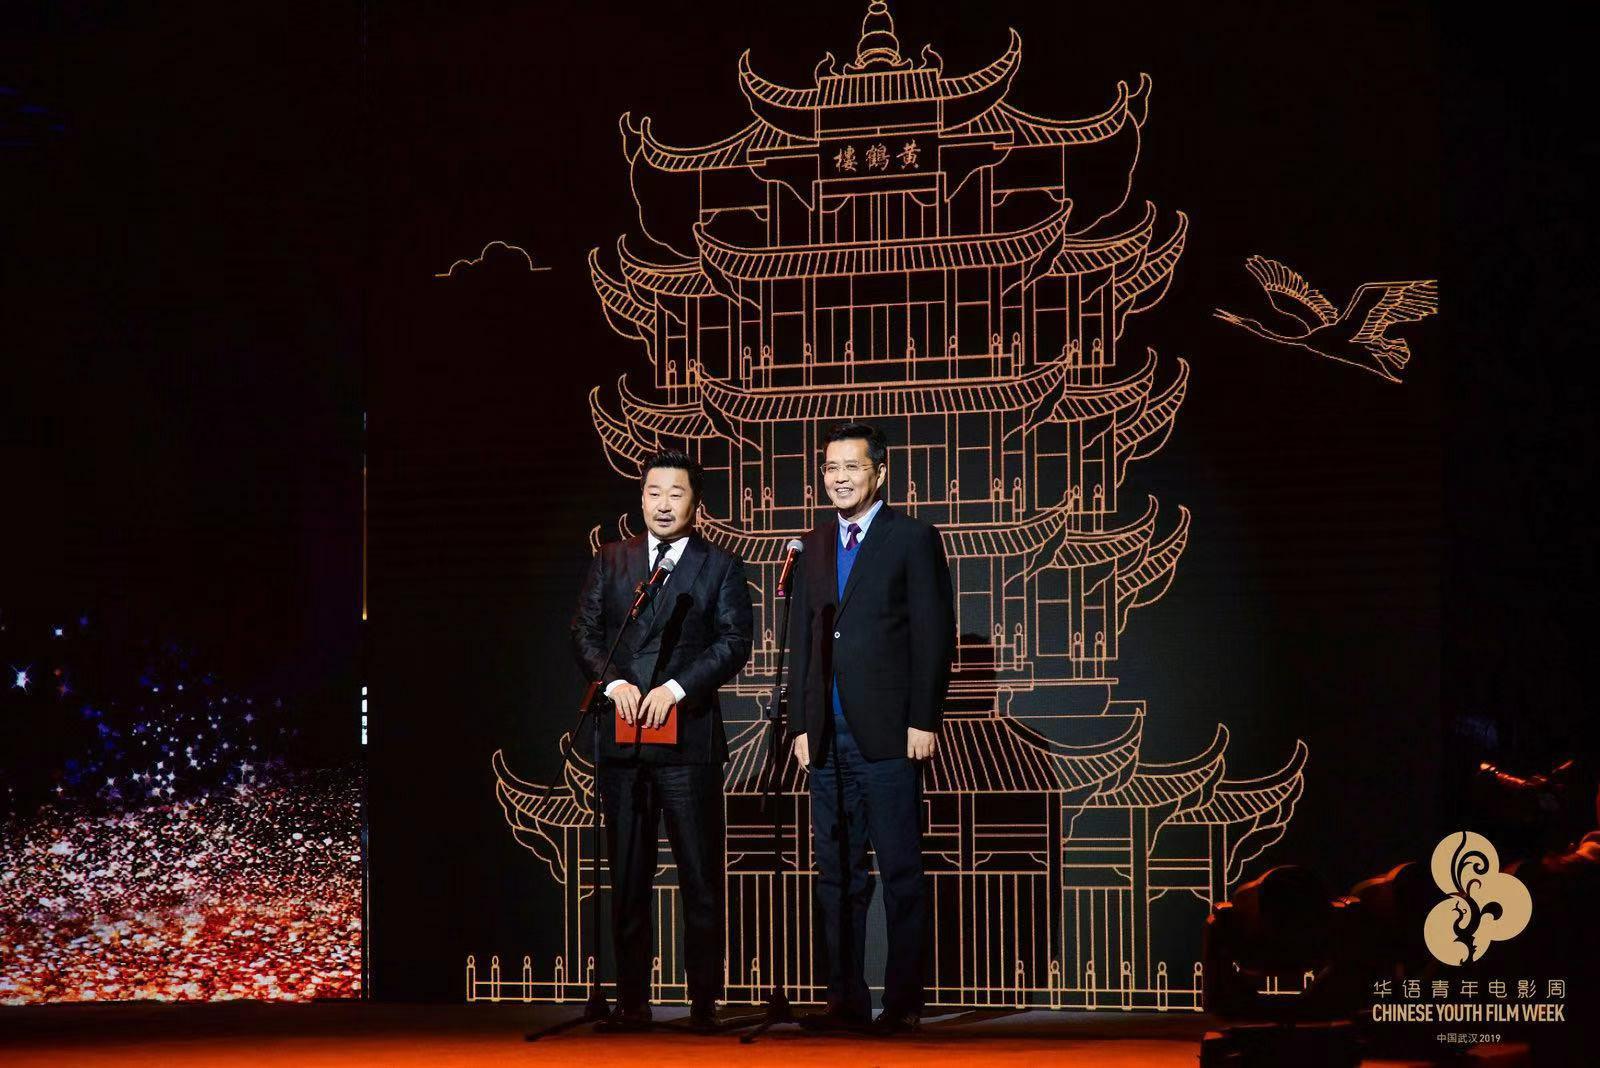 王景春任华语青年电影周推选委员会主席助力新一代电影人